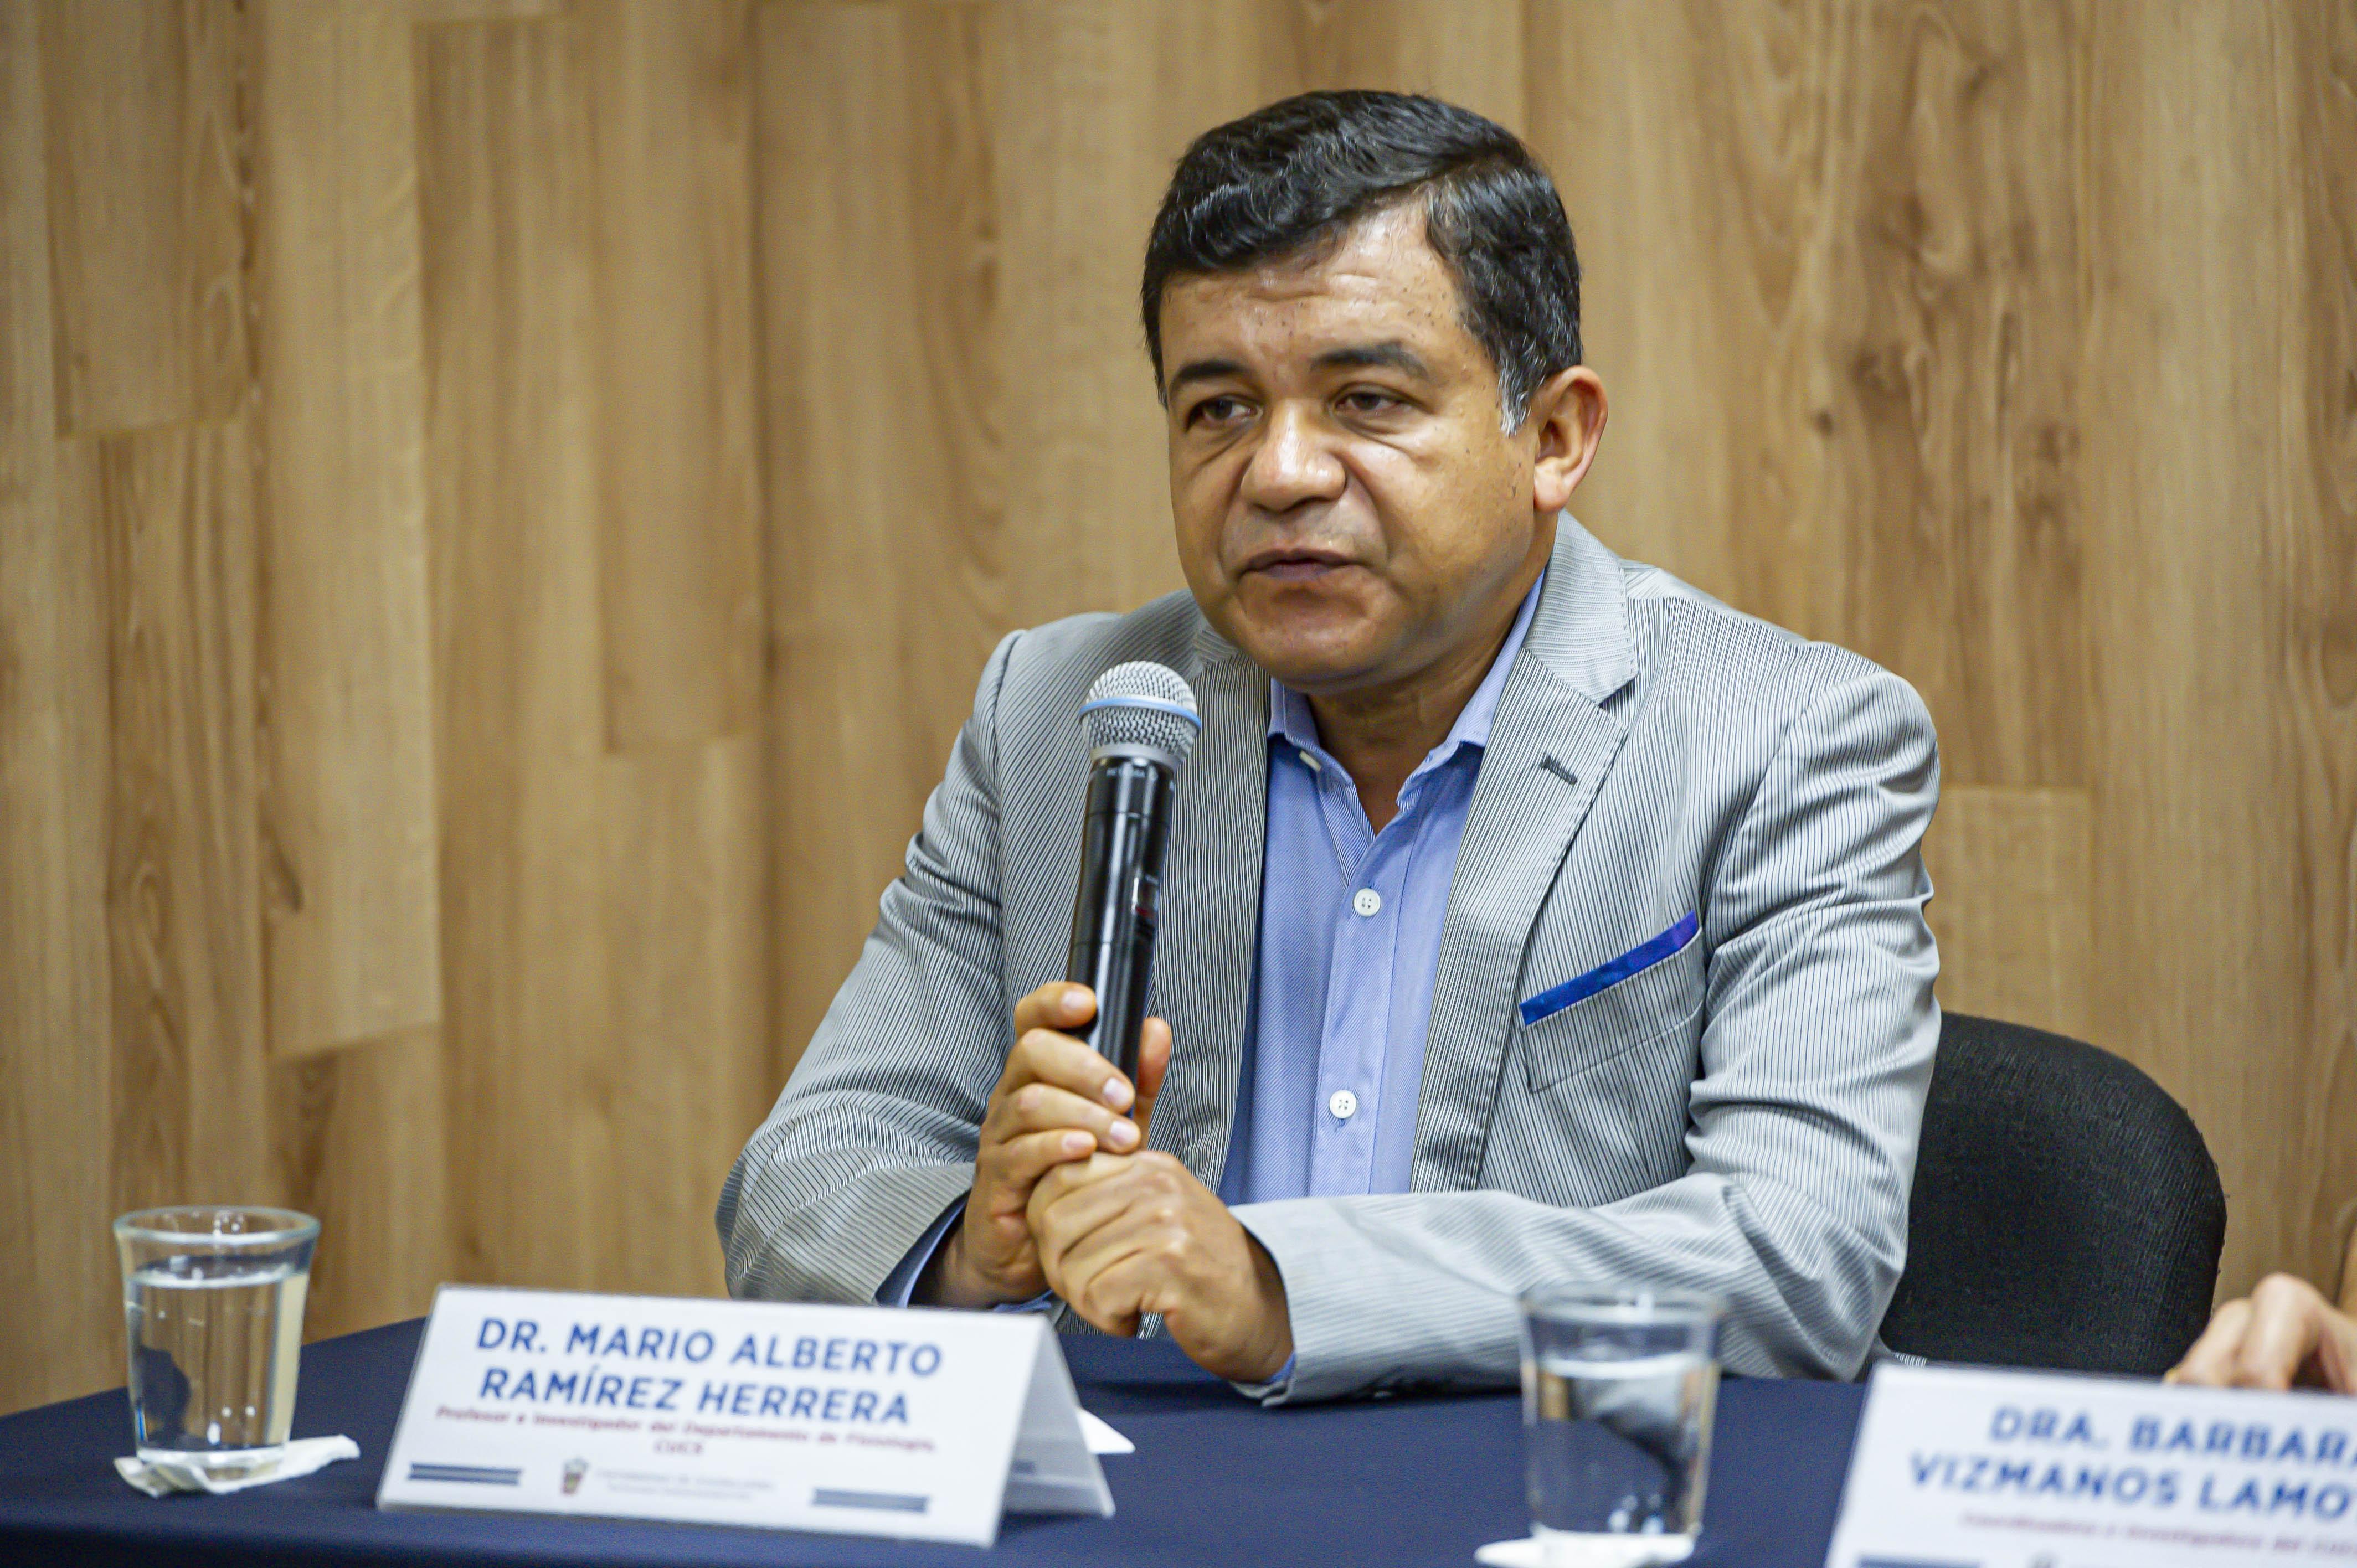 Dr. Mario Alberto Ramírez haciendo uso de la voz